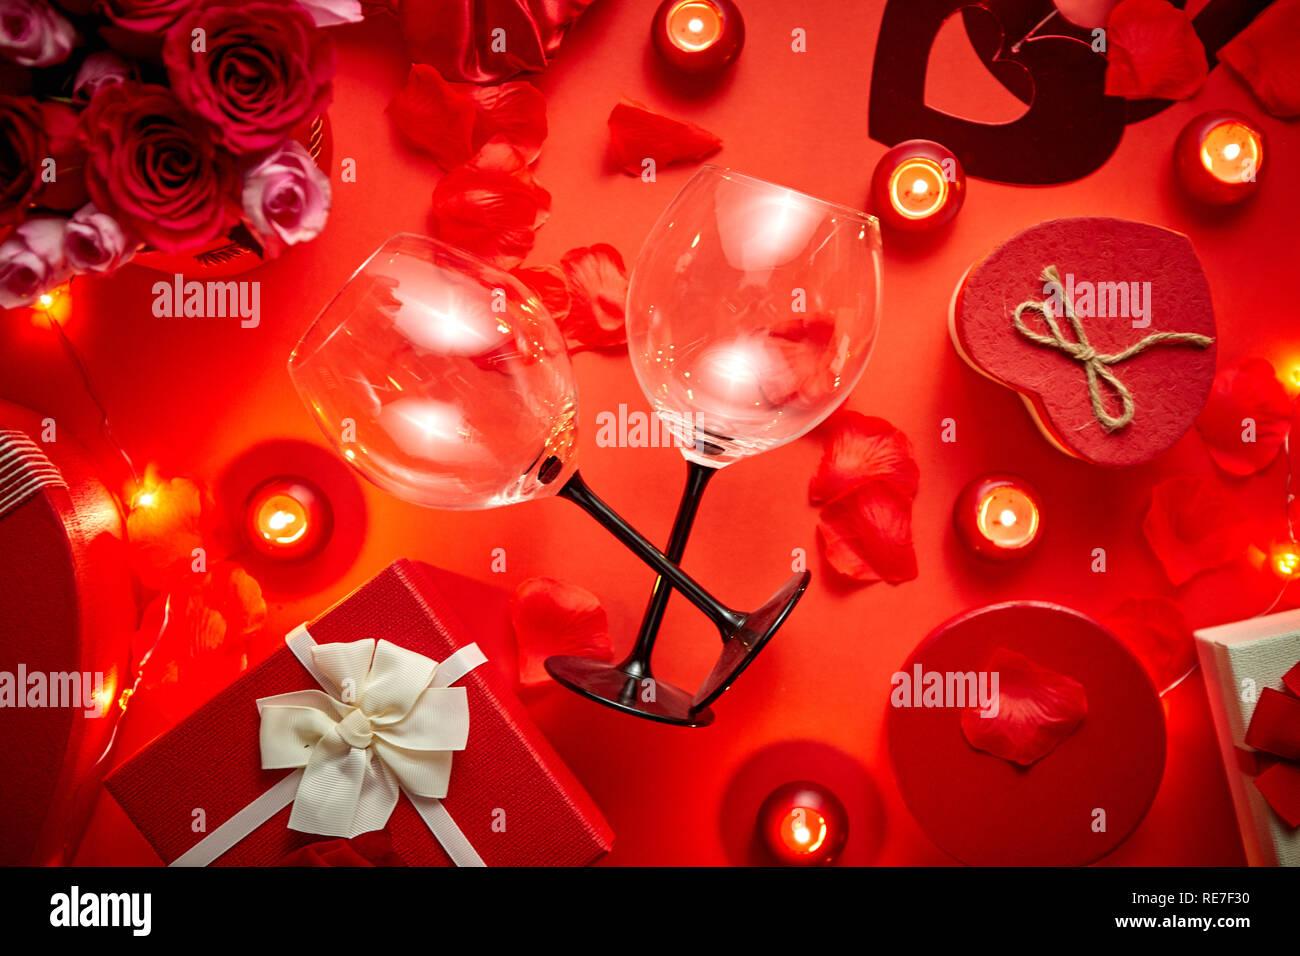 Valentines Tag Romantische Dekoration Mit Rosen Weingläser